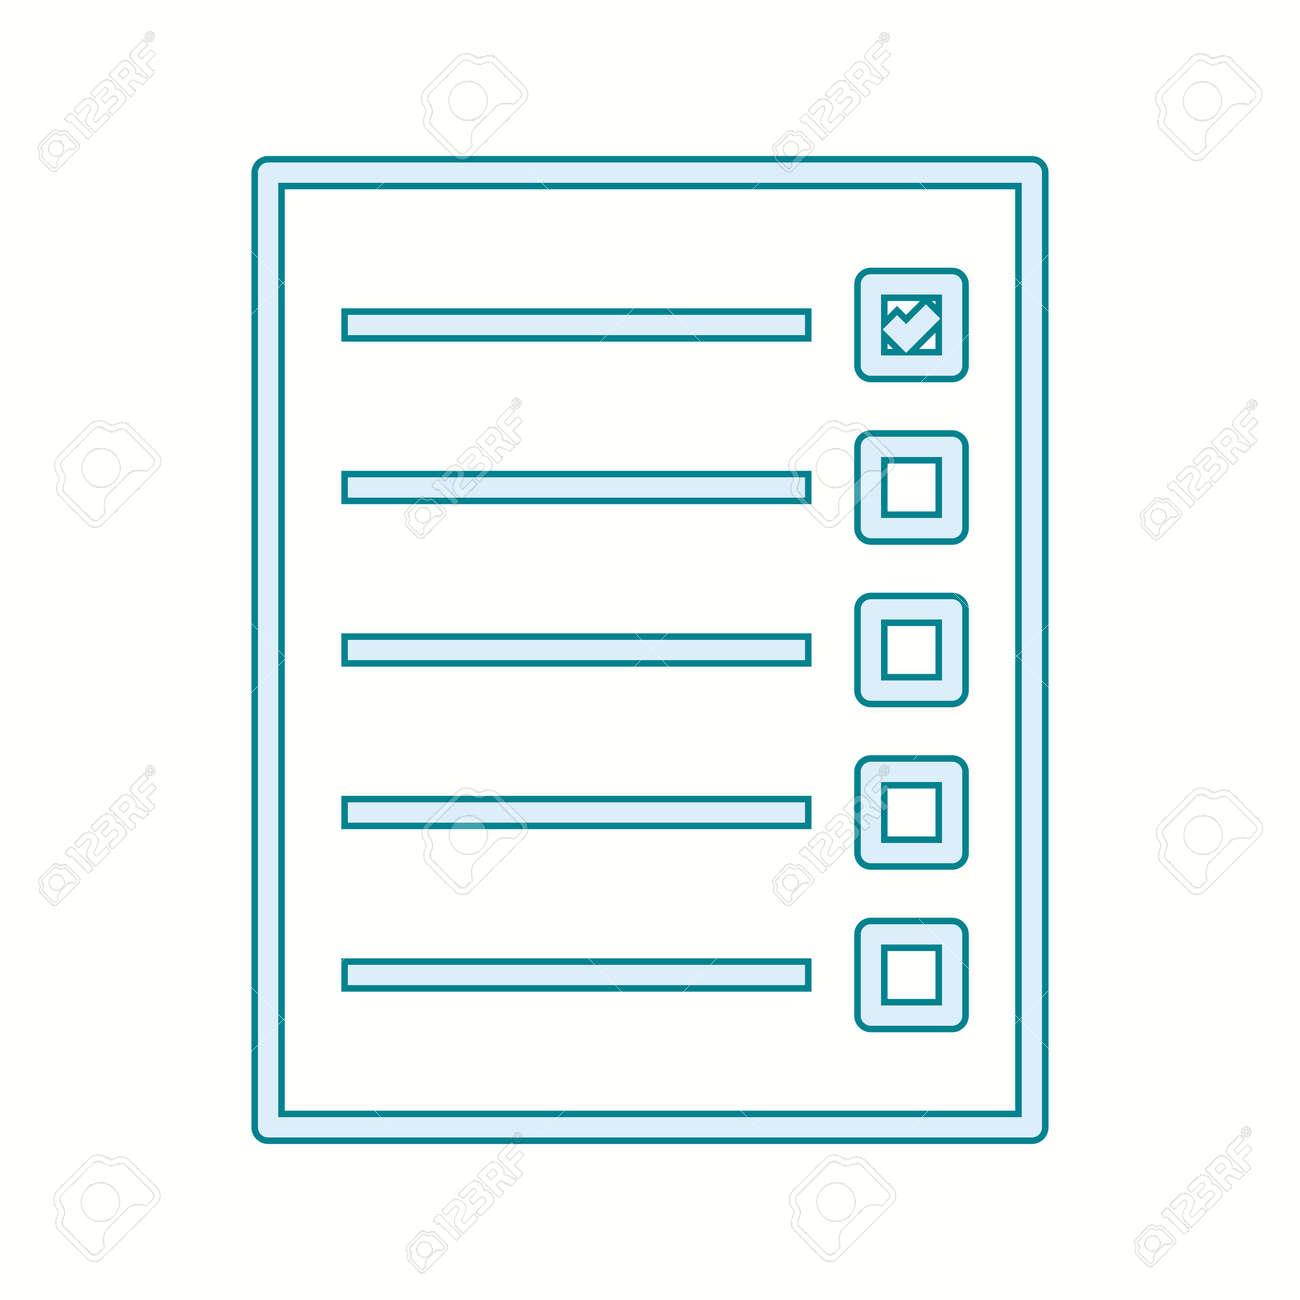 Beautiful Quiz Line Vector Icon - 137425763